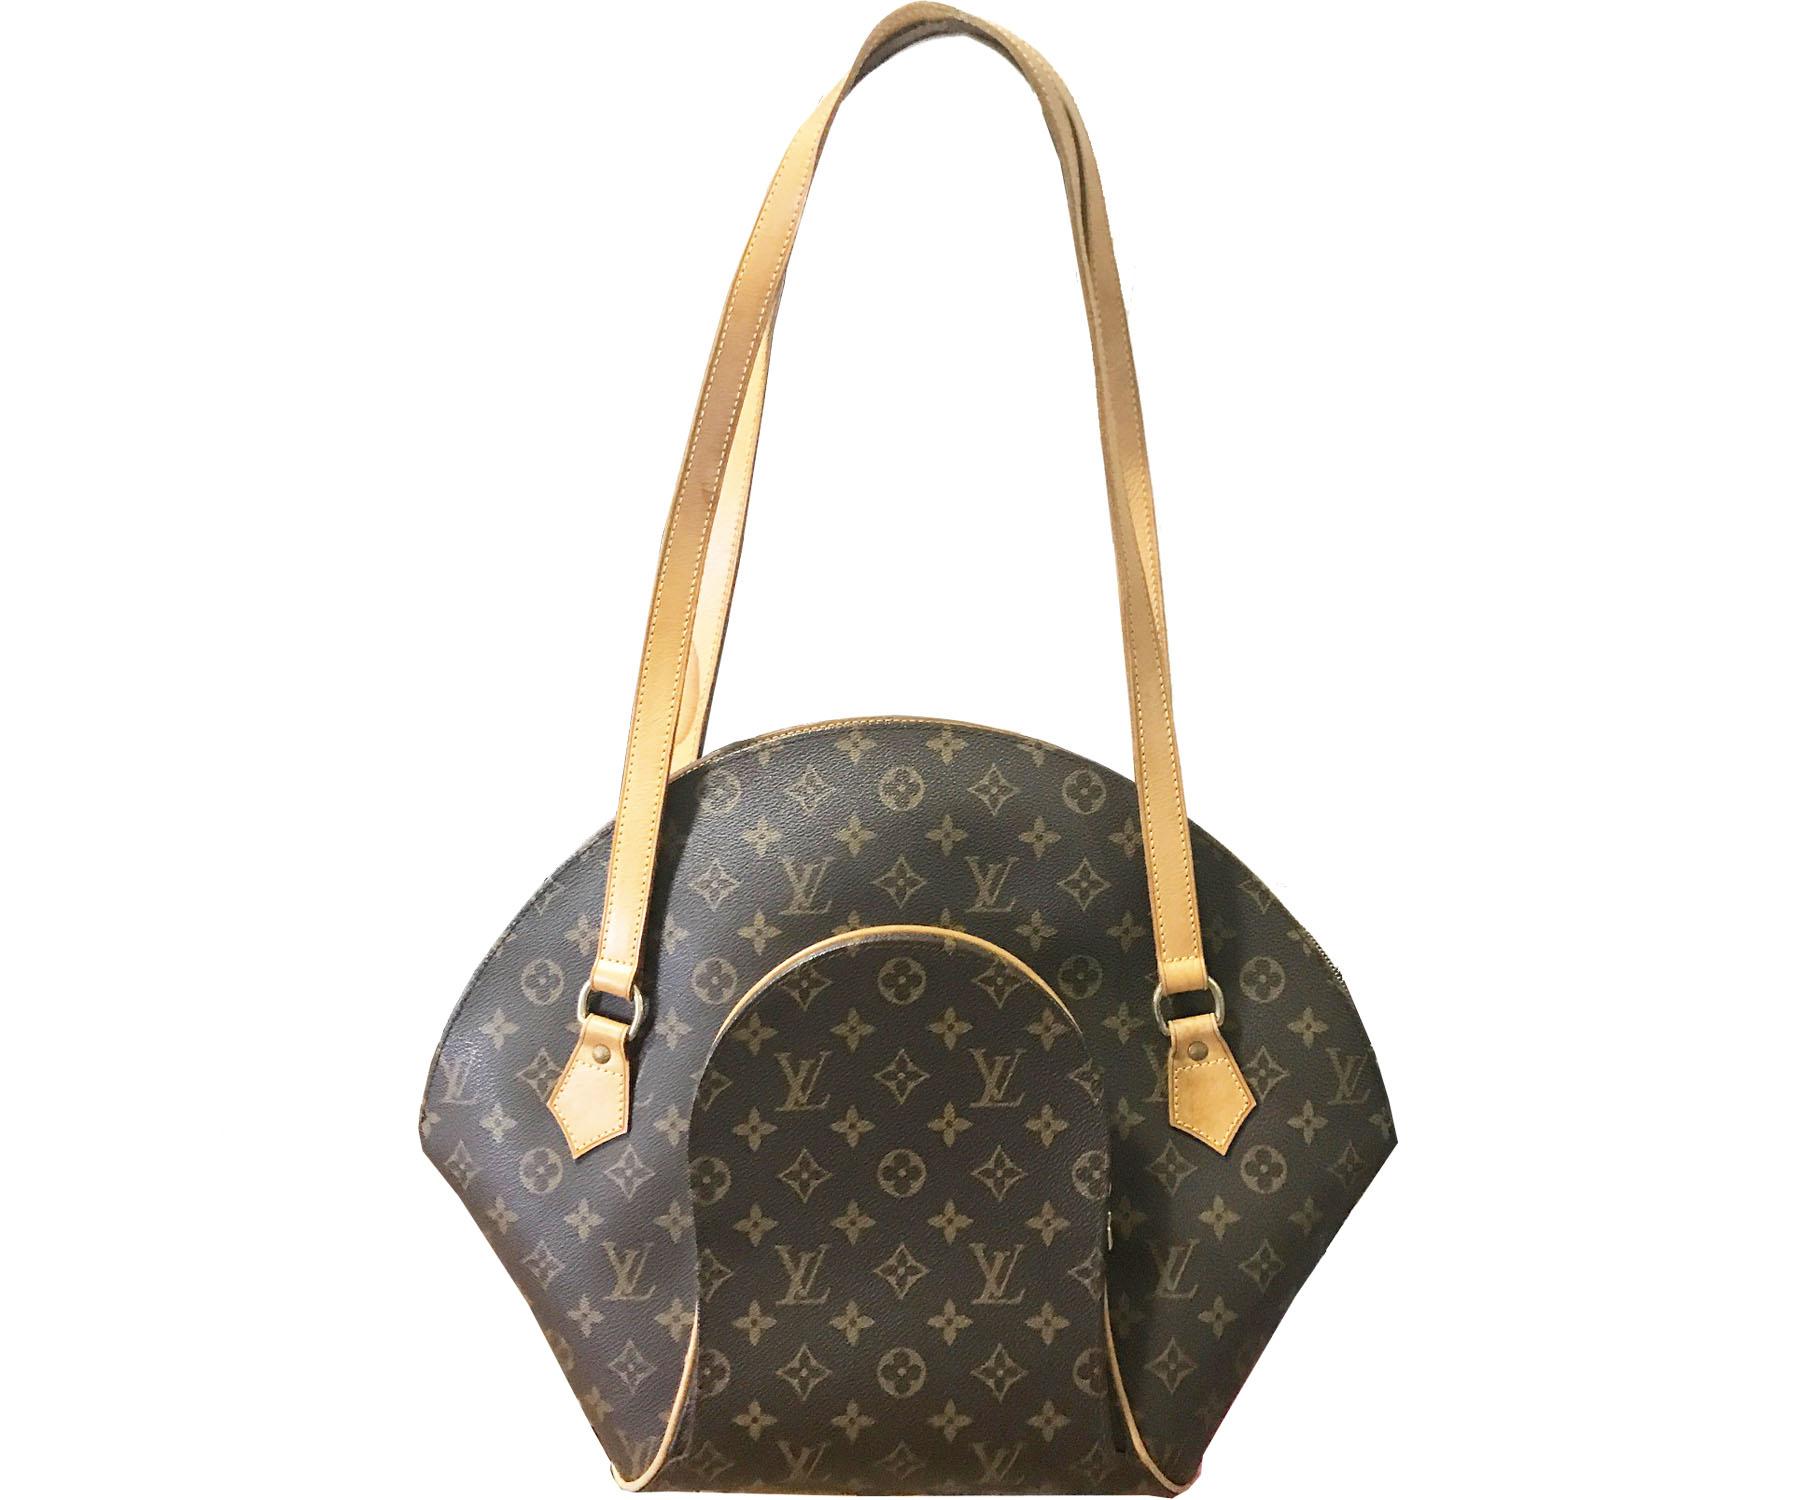 Louis Vuitton Monogram Ellipse GM Large Shoulder Bag - LAR